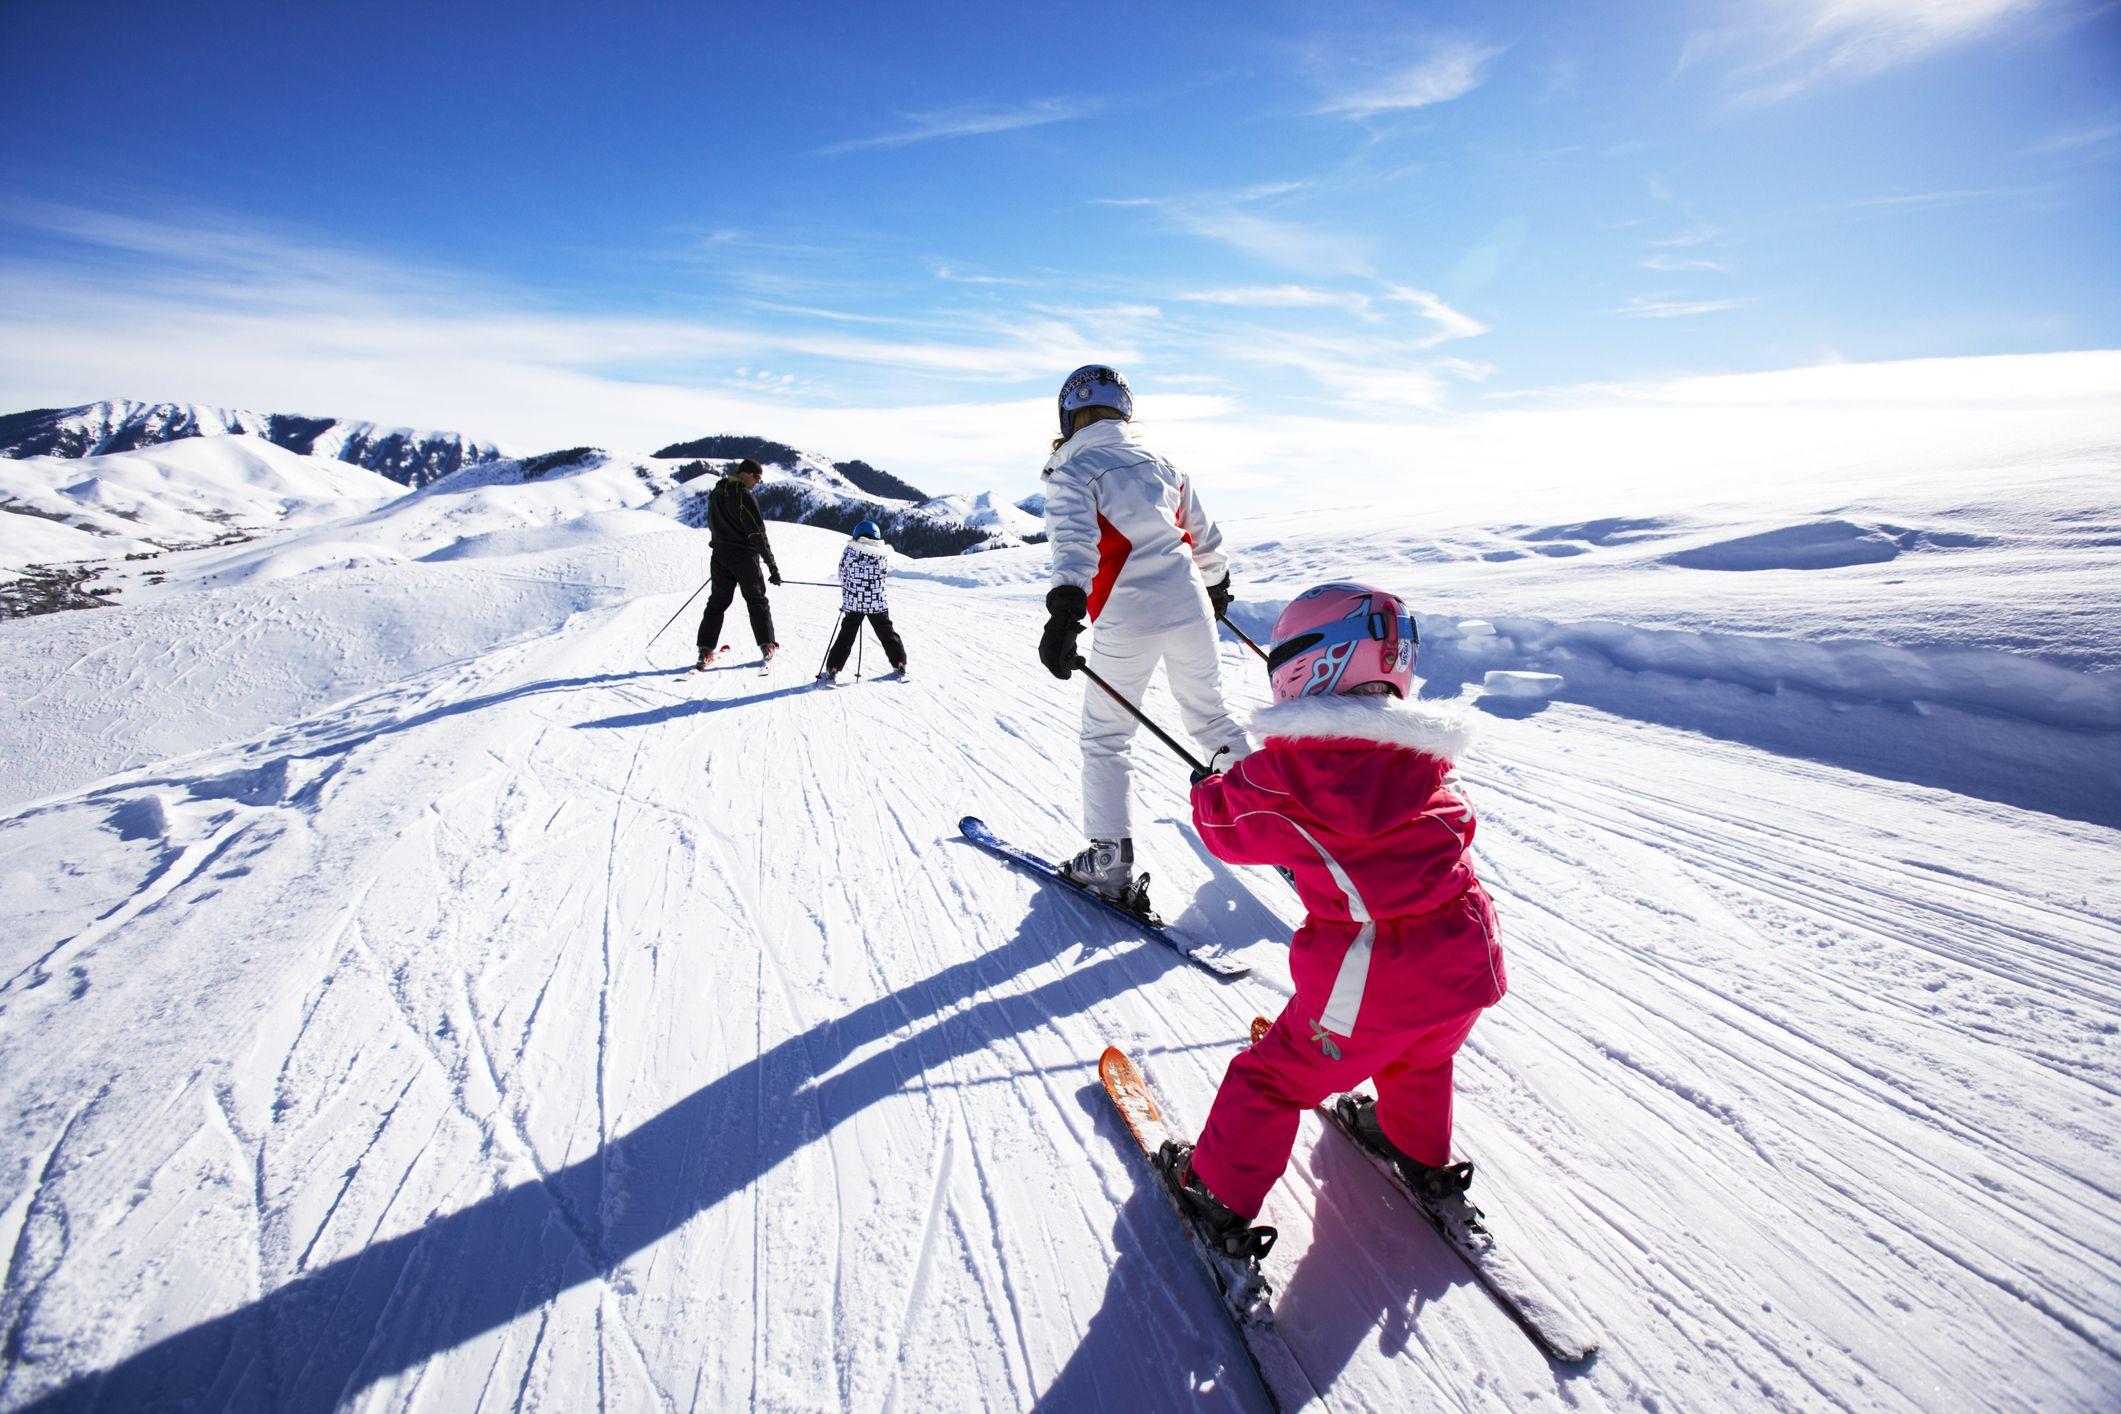 How to Teach Kids to Ski | REI Expert Advice